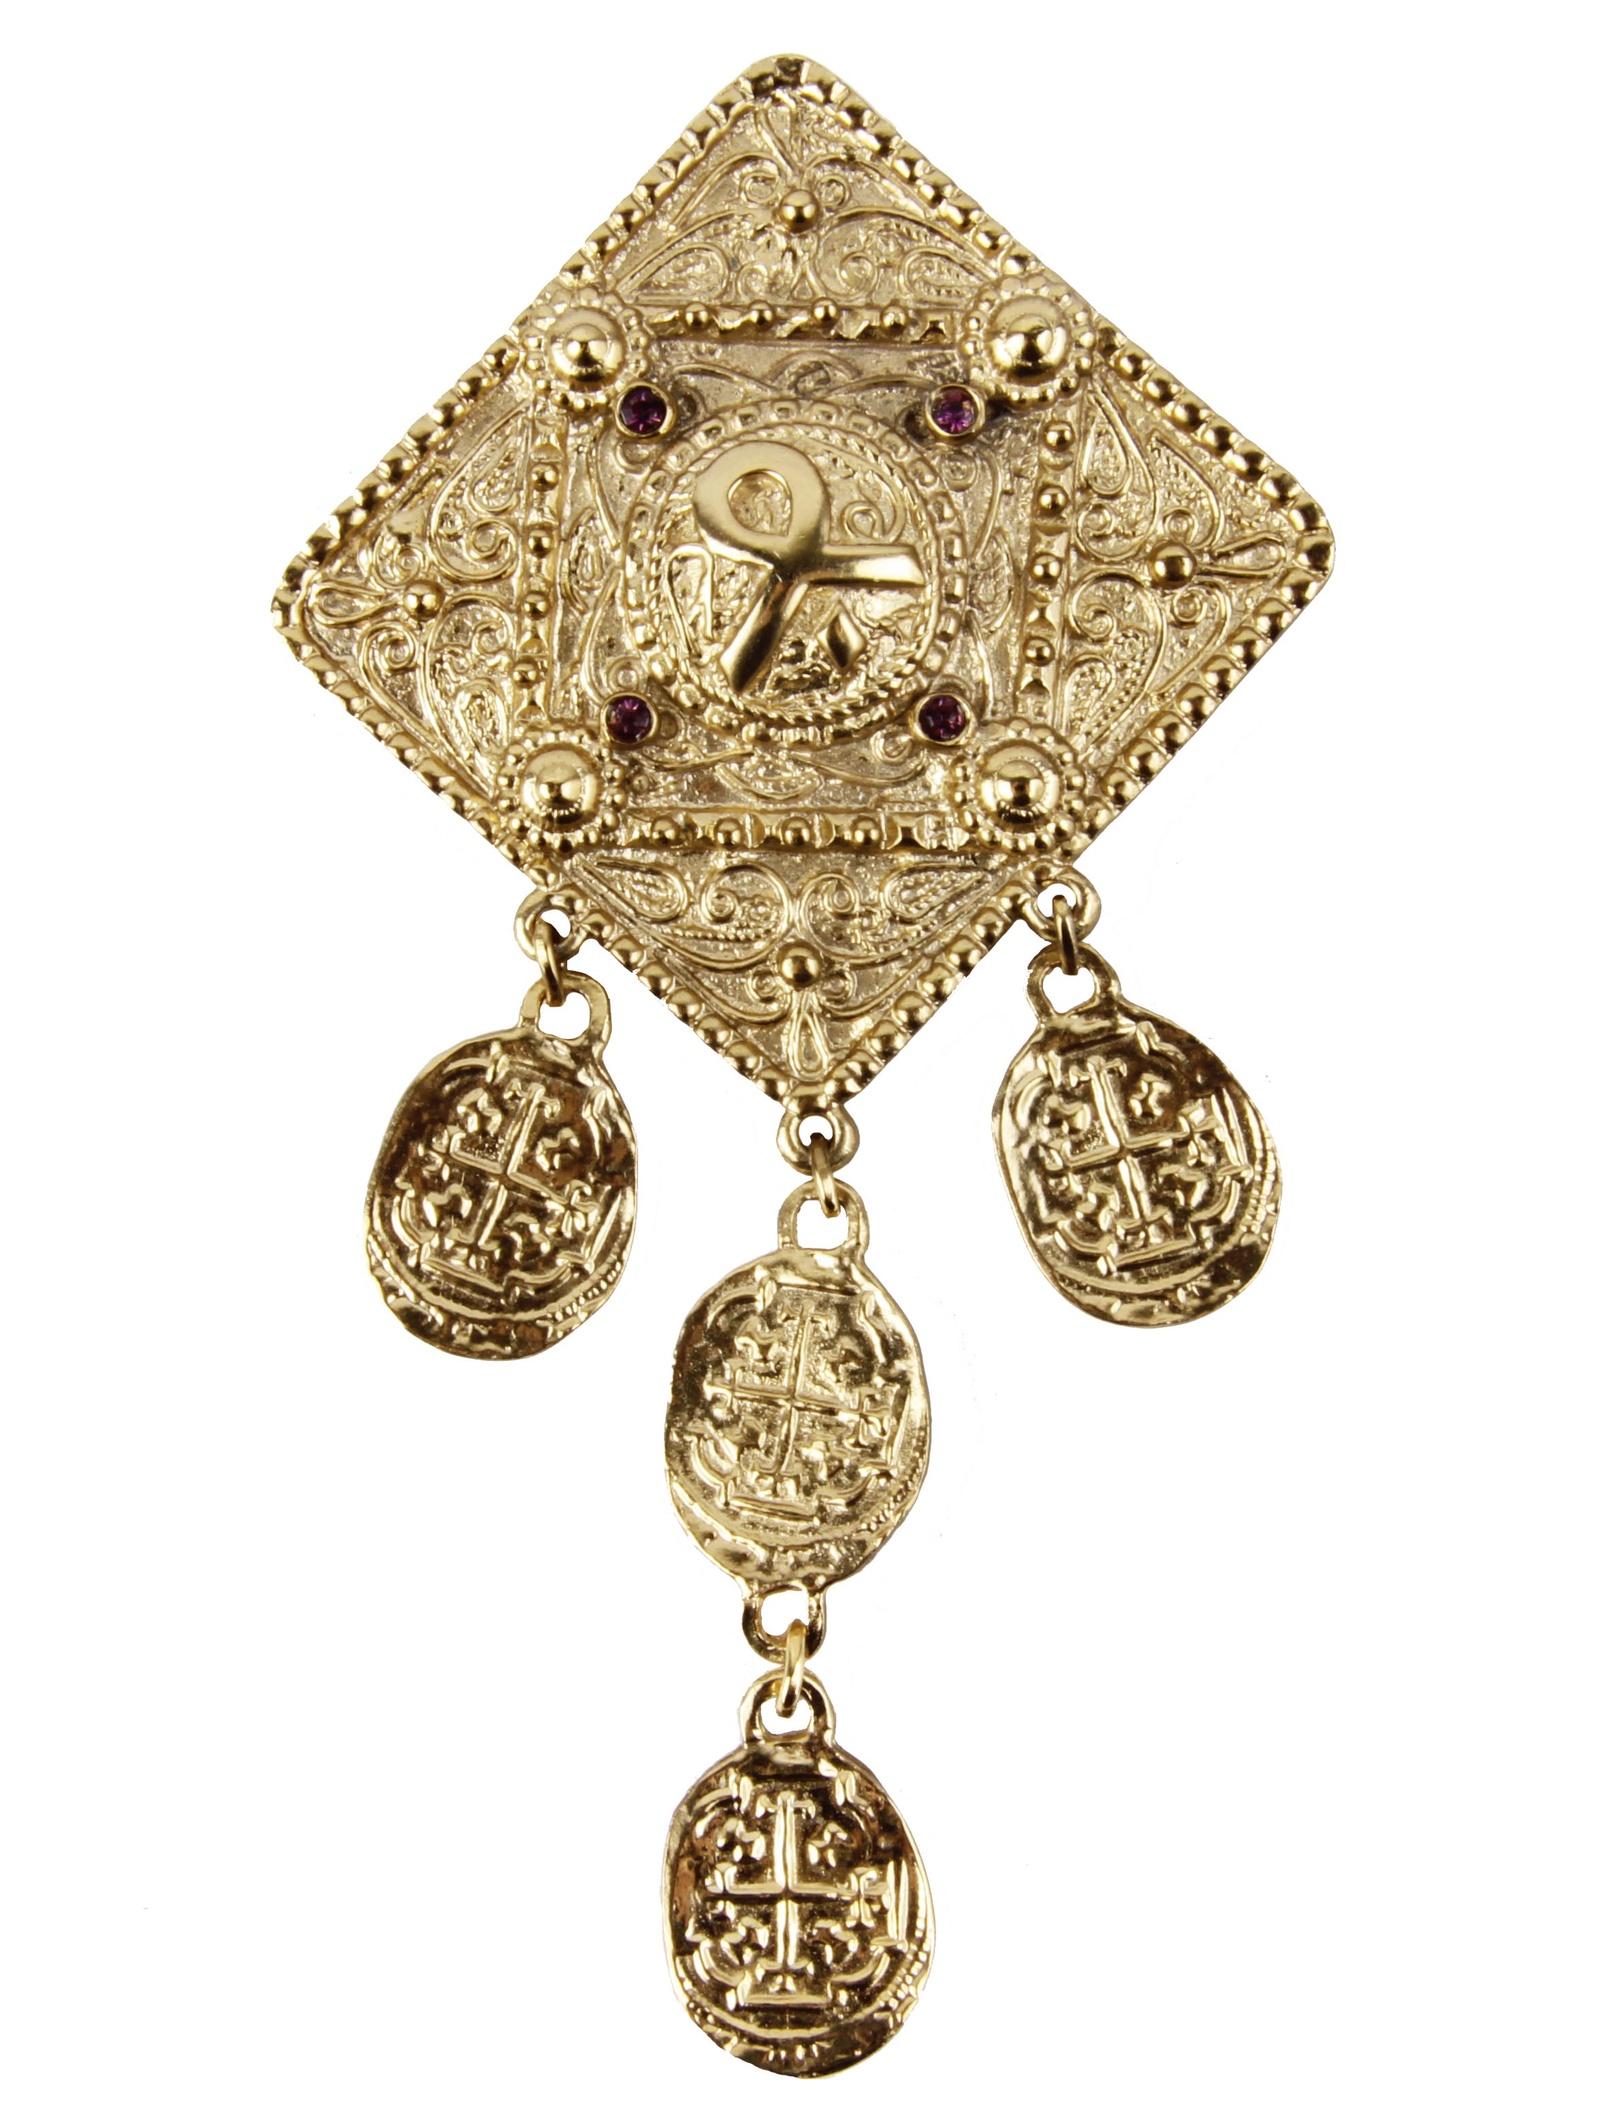 Брошь бижутерная Butler & Wilson Золото инков, Бижутерный сплав, Кристаллы, золотой, сиреневый брошь от butler